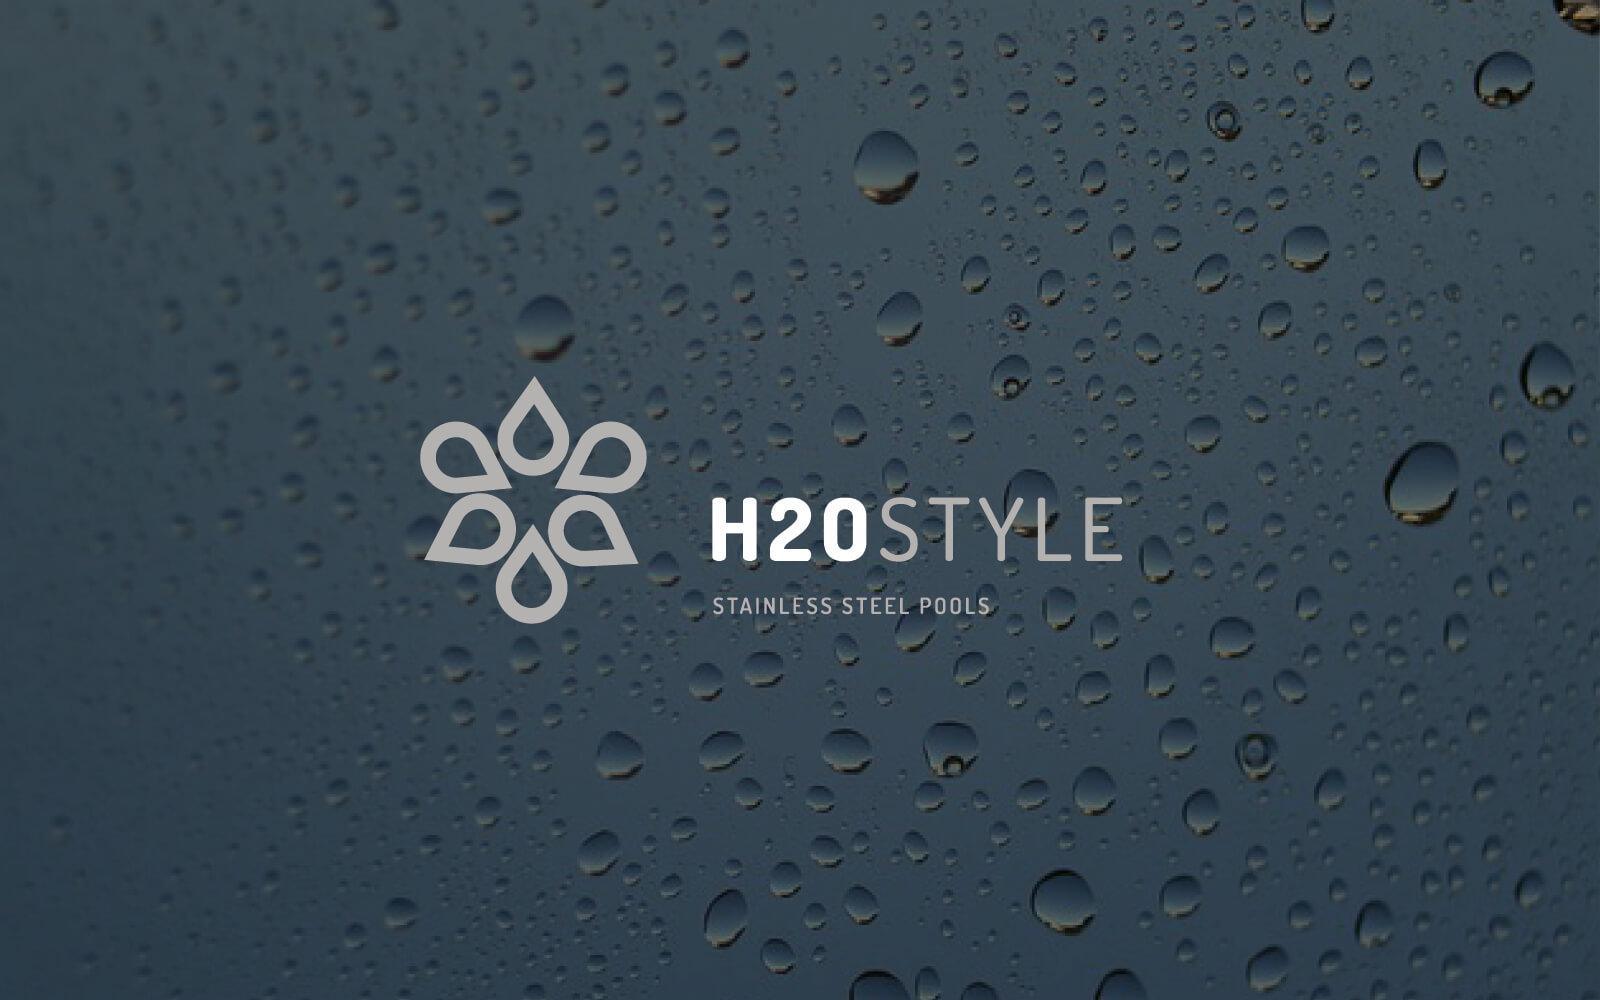 progetto del marchio h2o style, progettato dallo studio grafico diade arco di trento